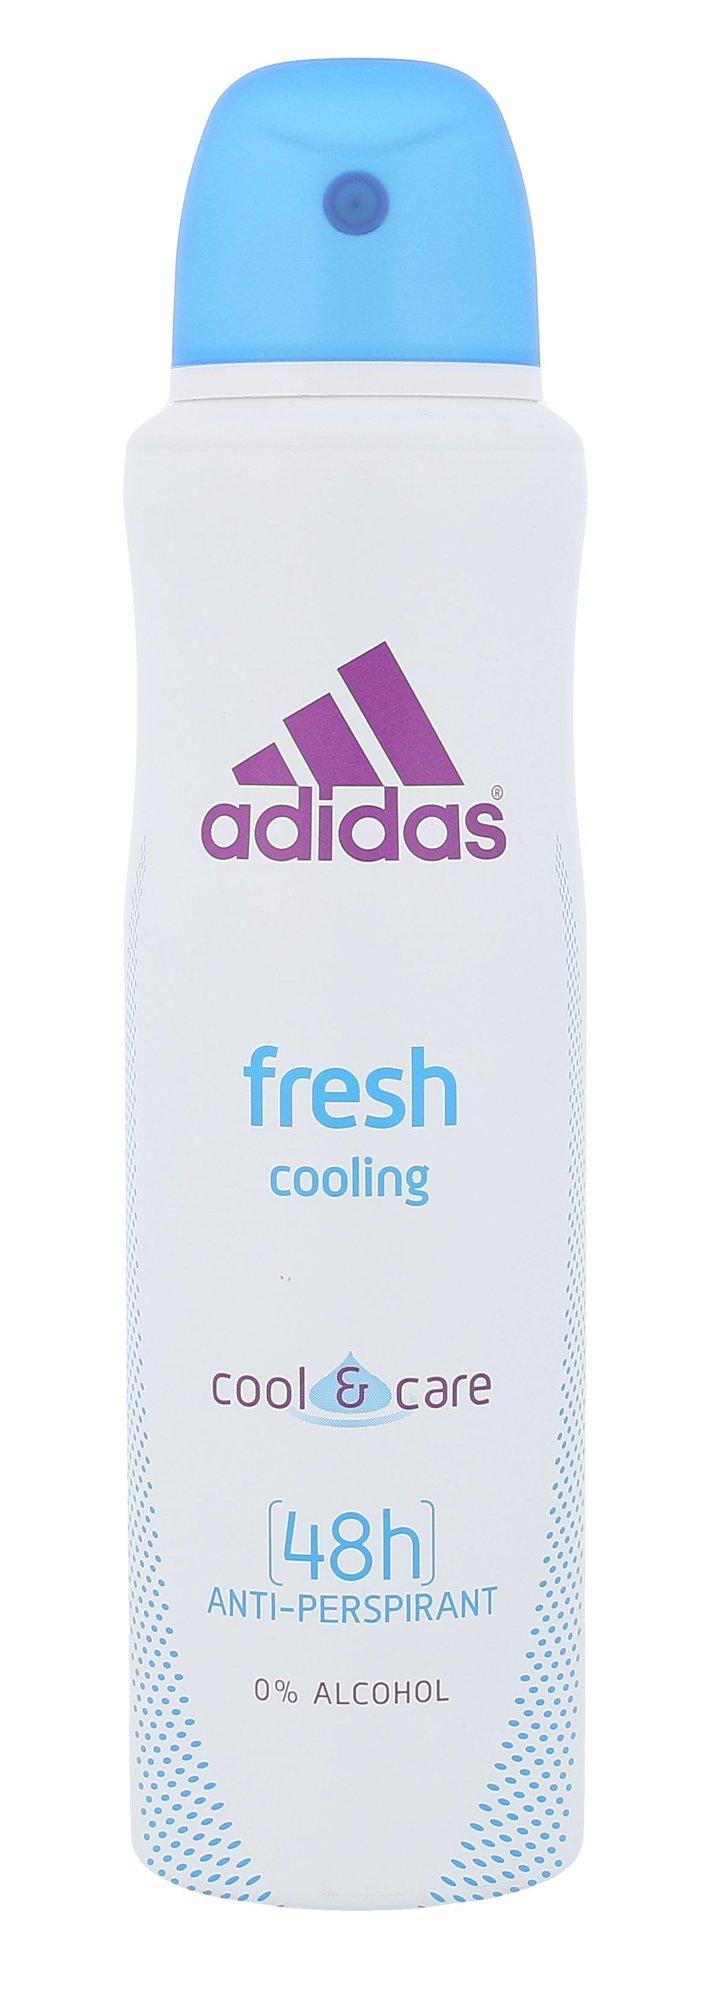 Adidas Fresh For Women Antiperspirant 150ml